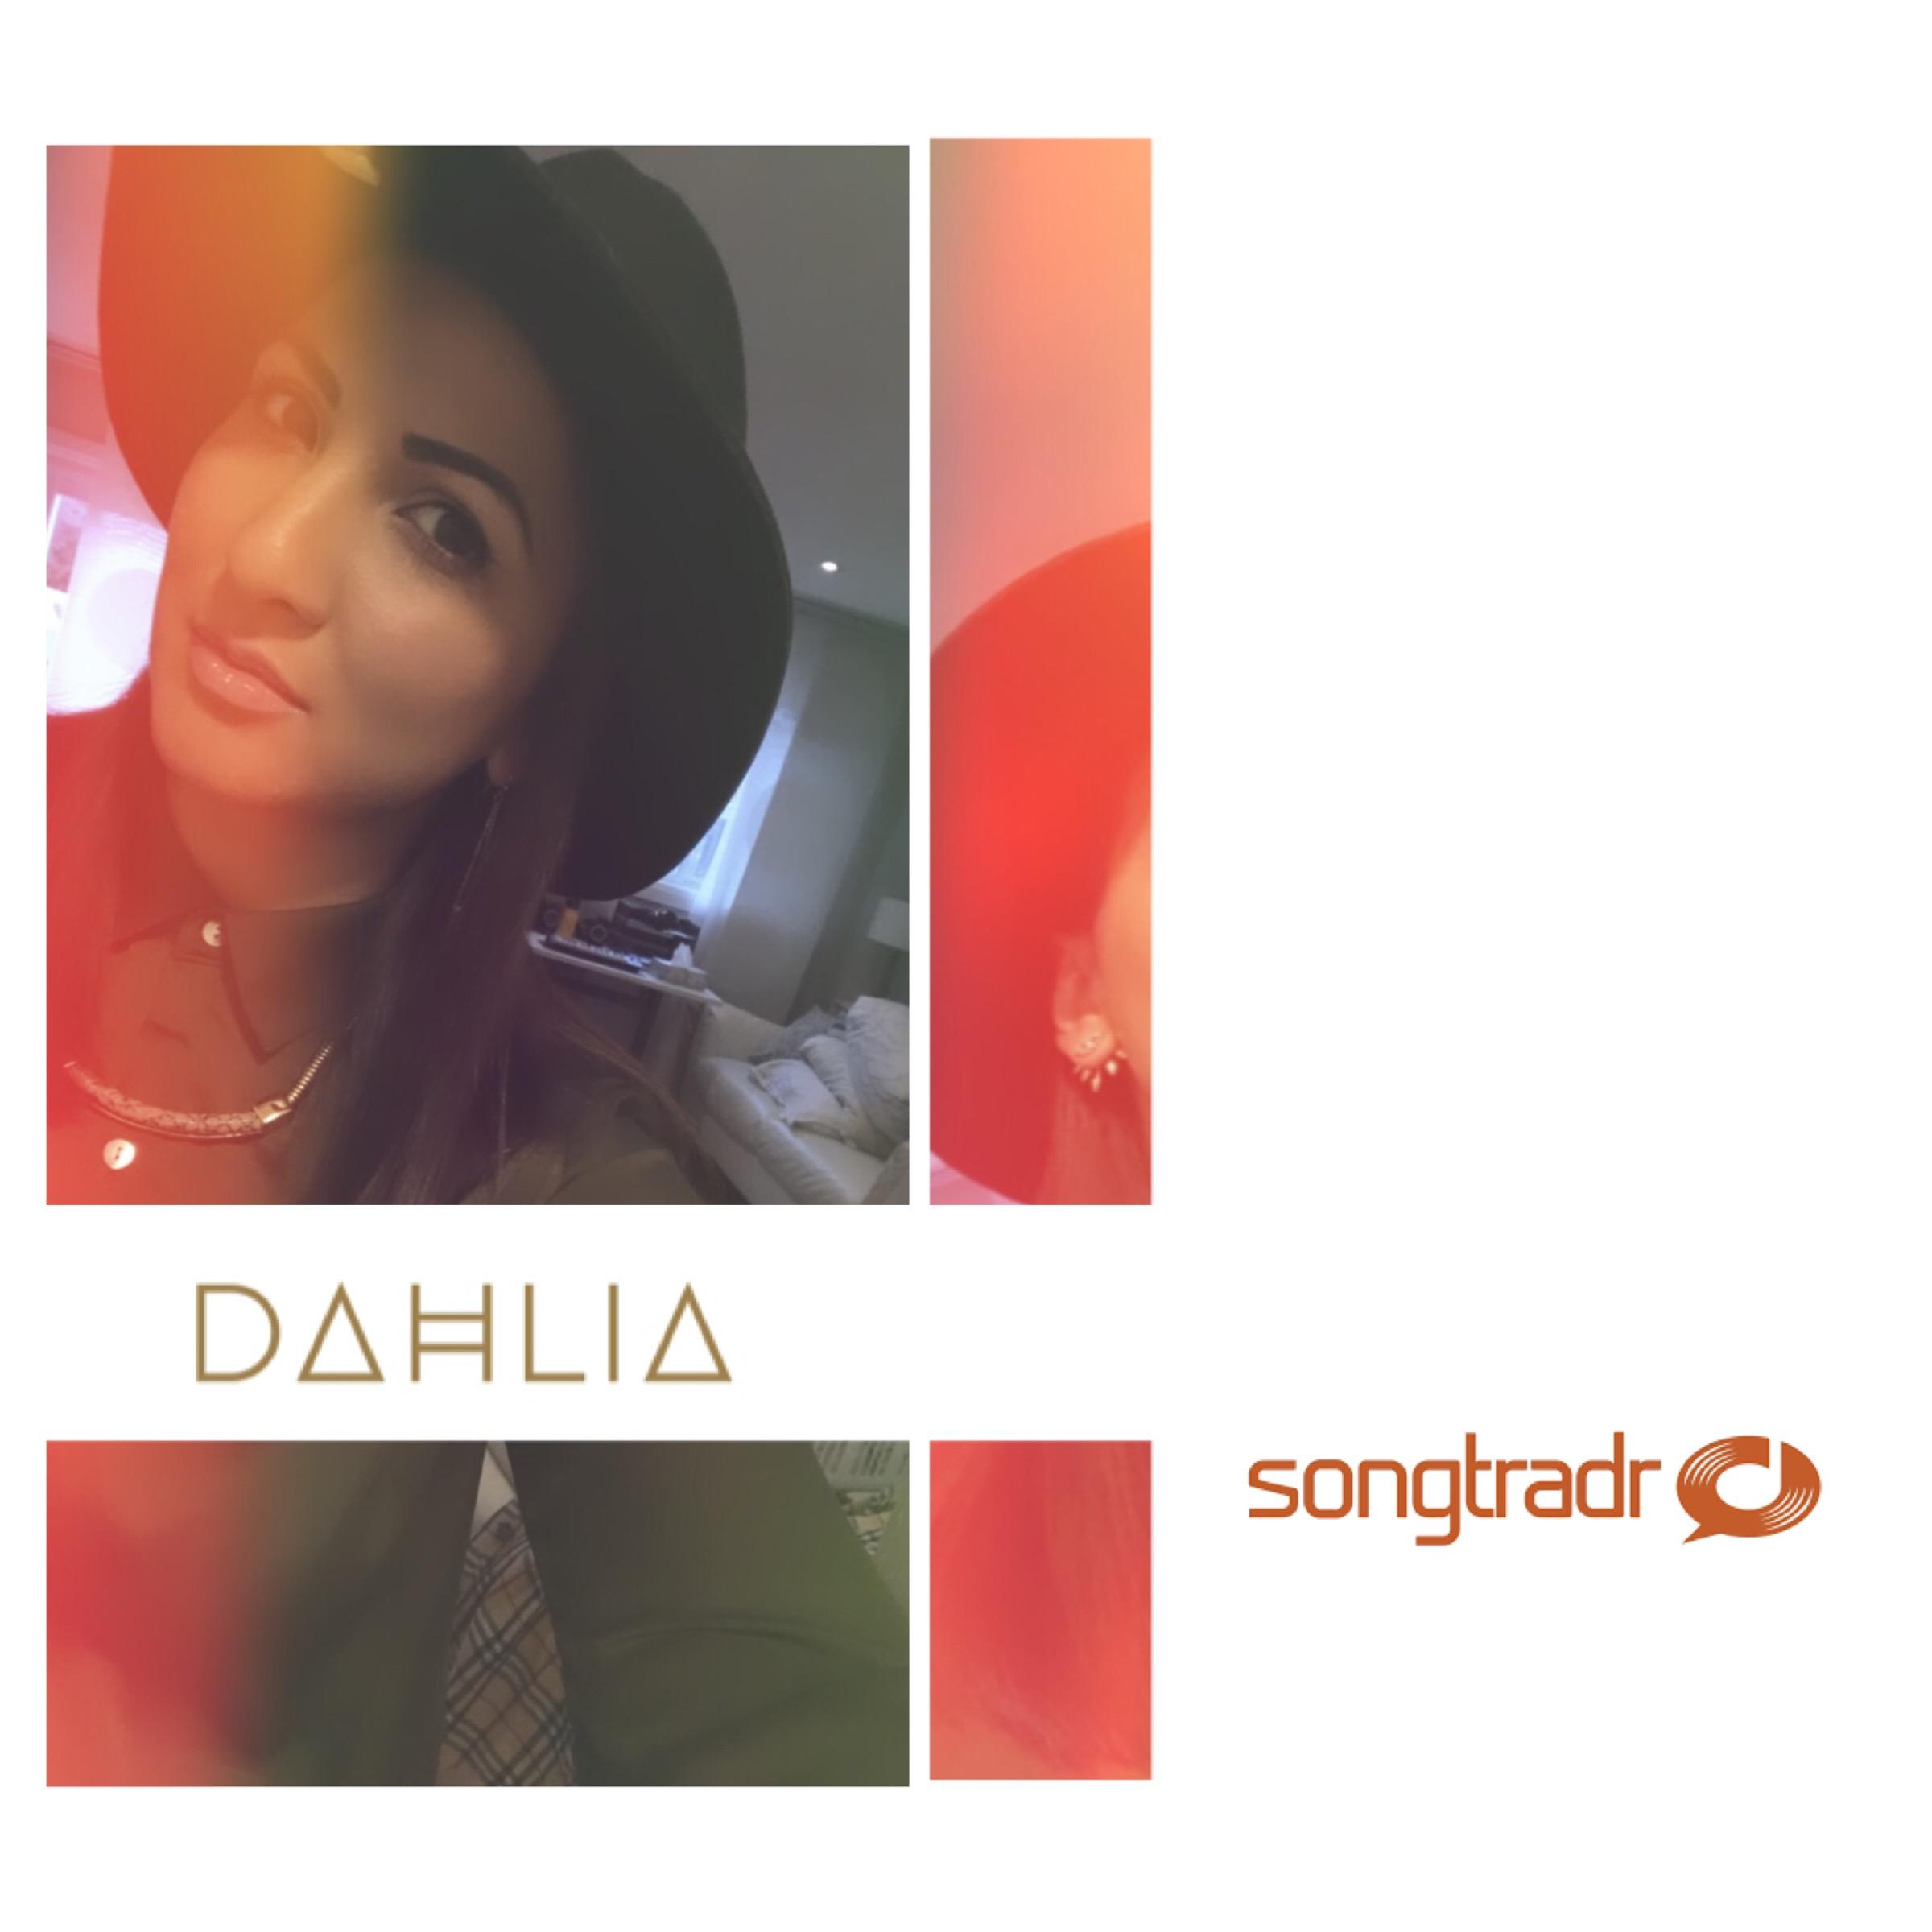 Songtradr1DAHLIA